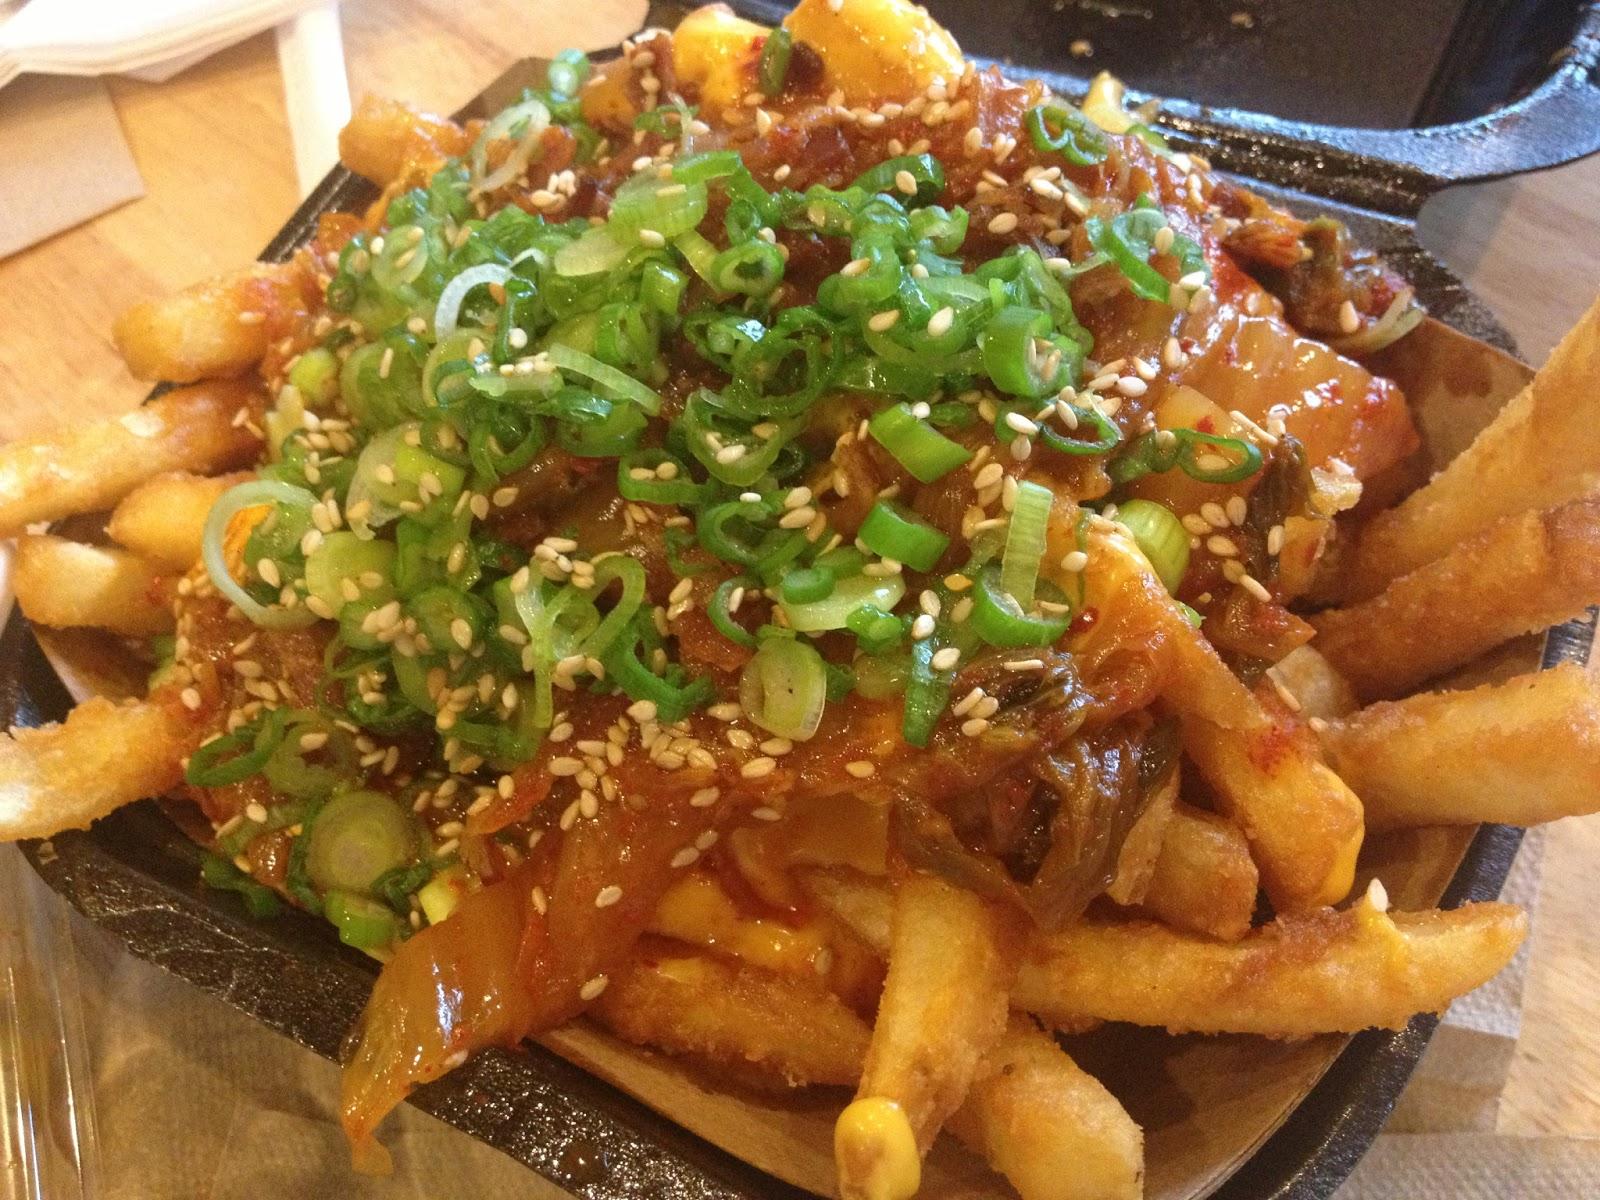 kimchi fried egg sharp cheddar bacon kimchi mayo shredded cabbage